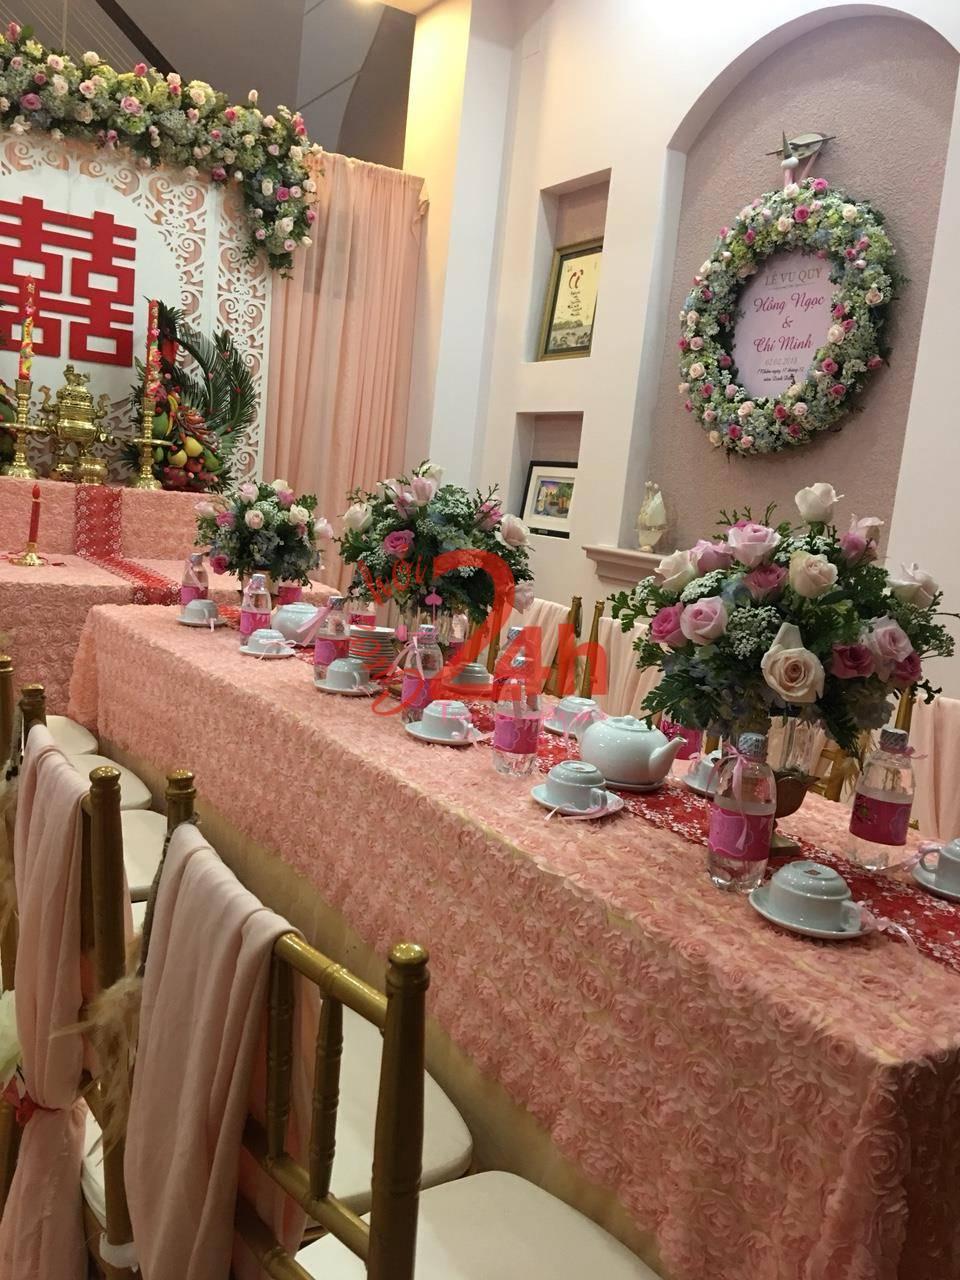 Dịch vụ cưới hỏi 24h trọn vẹn ngày vui chuyên trang trí nhà đám cưới hỏi và nhà hàng tiệc cưới | Hoa để bàn lễ cưới màu sắc tươi sáng